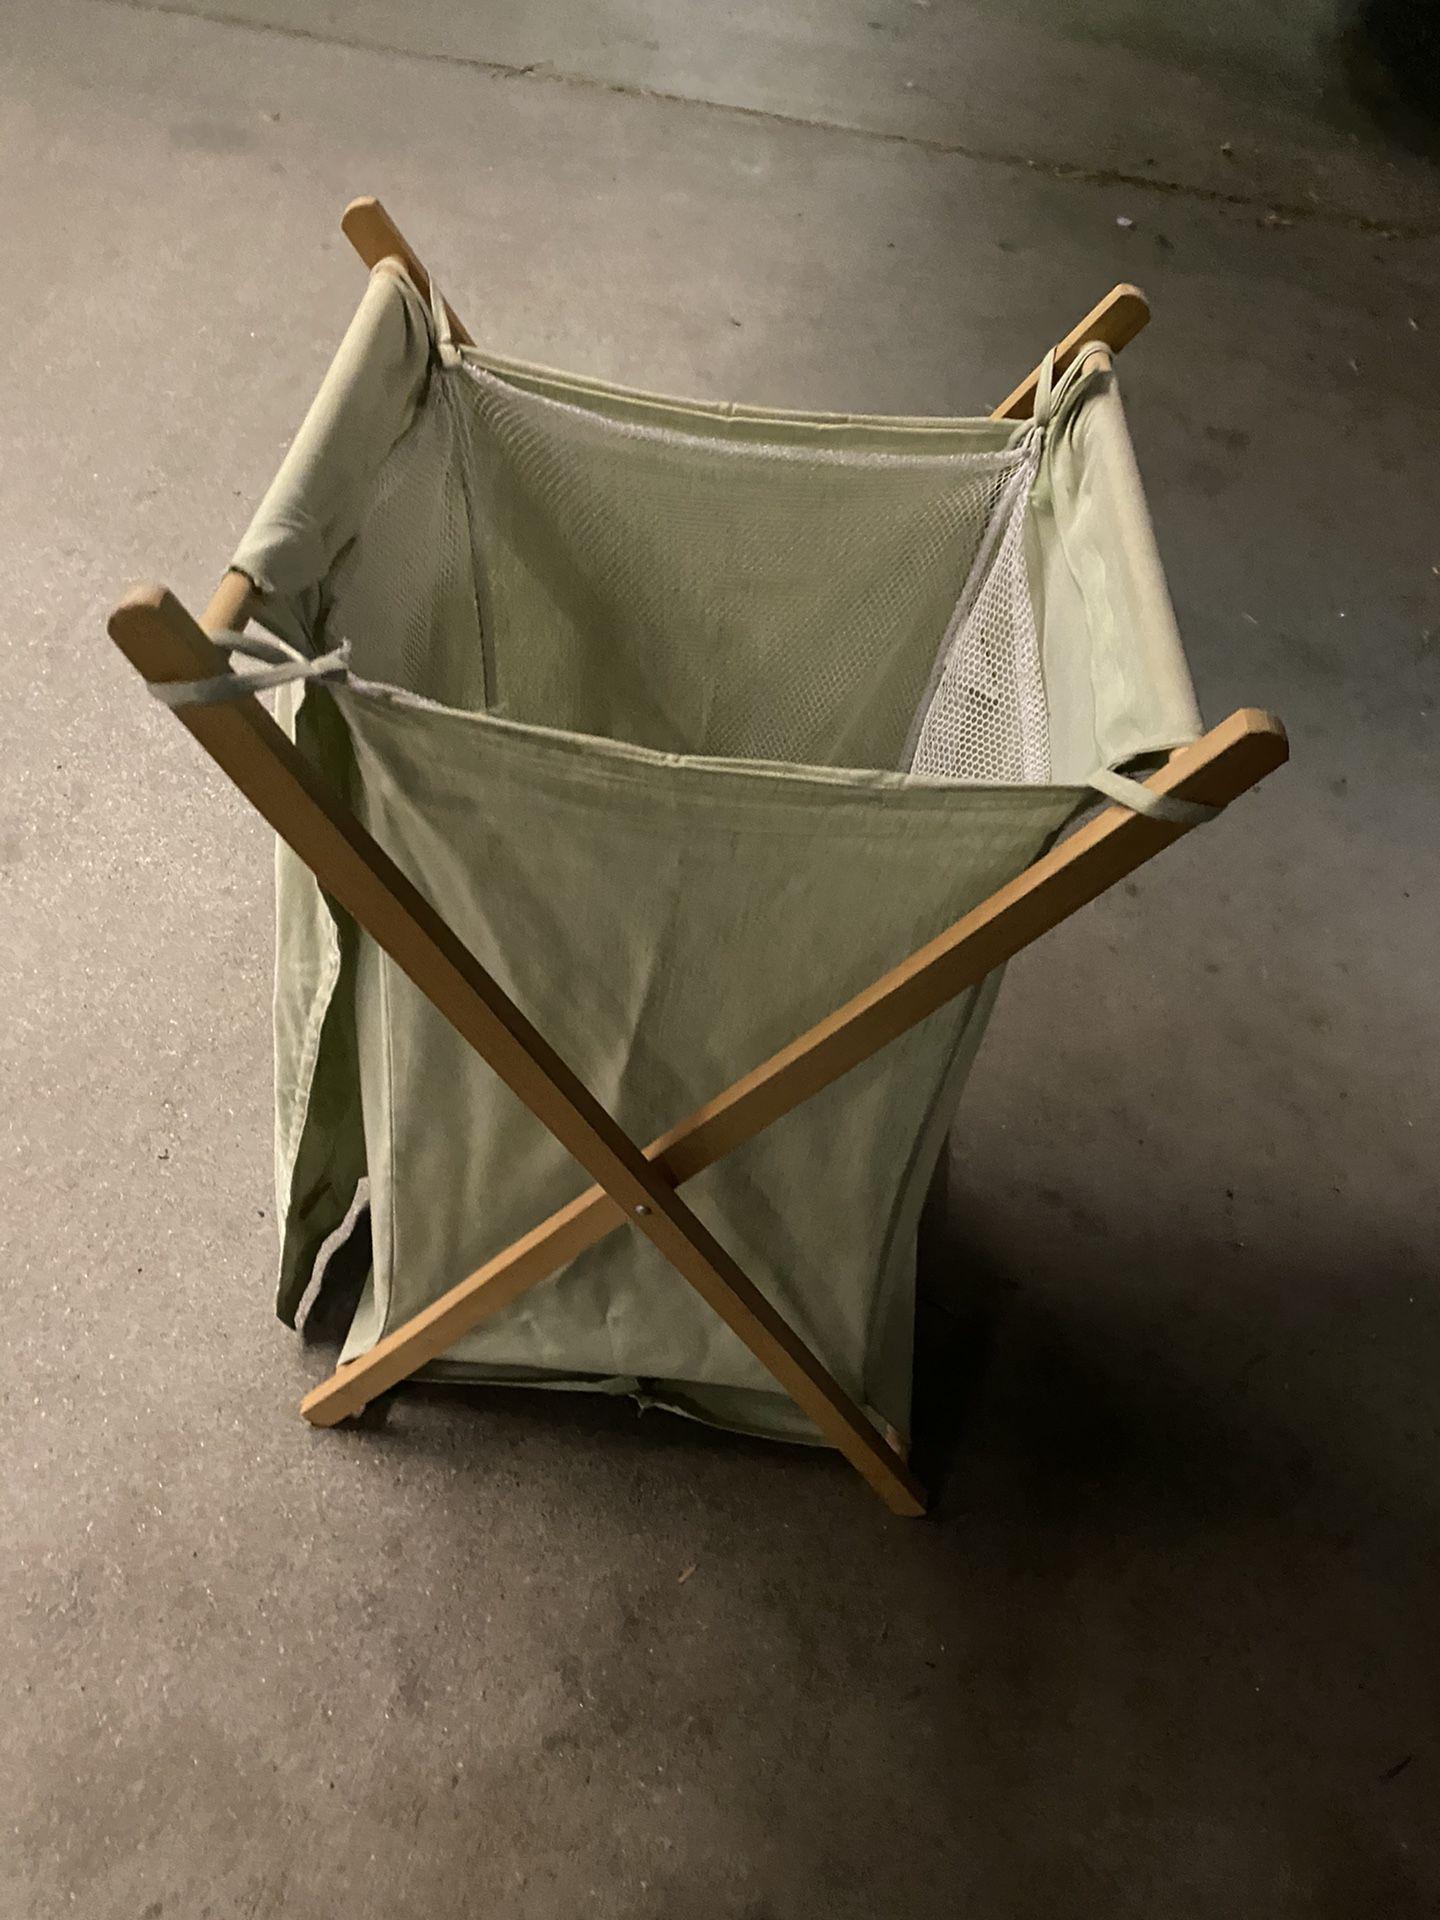 Folding Clothes Hamper